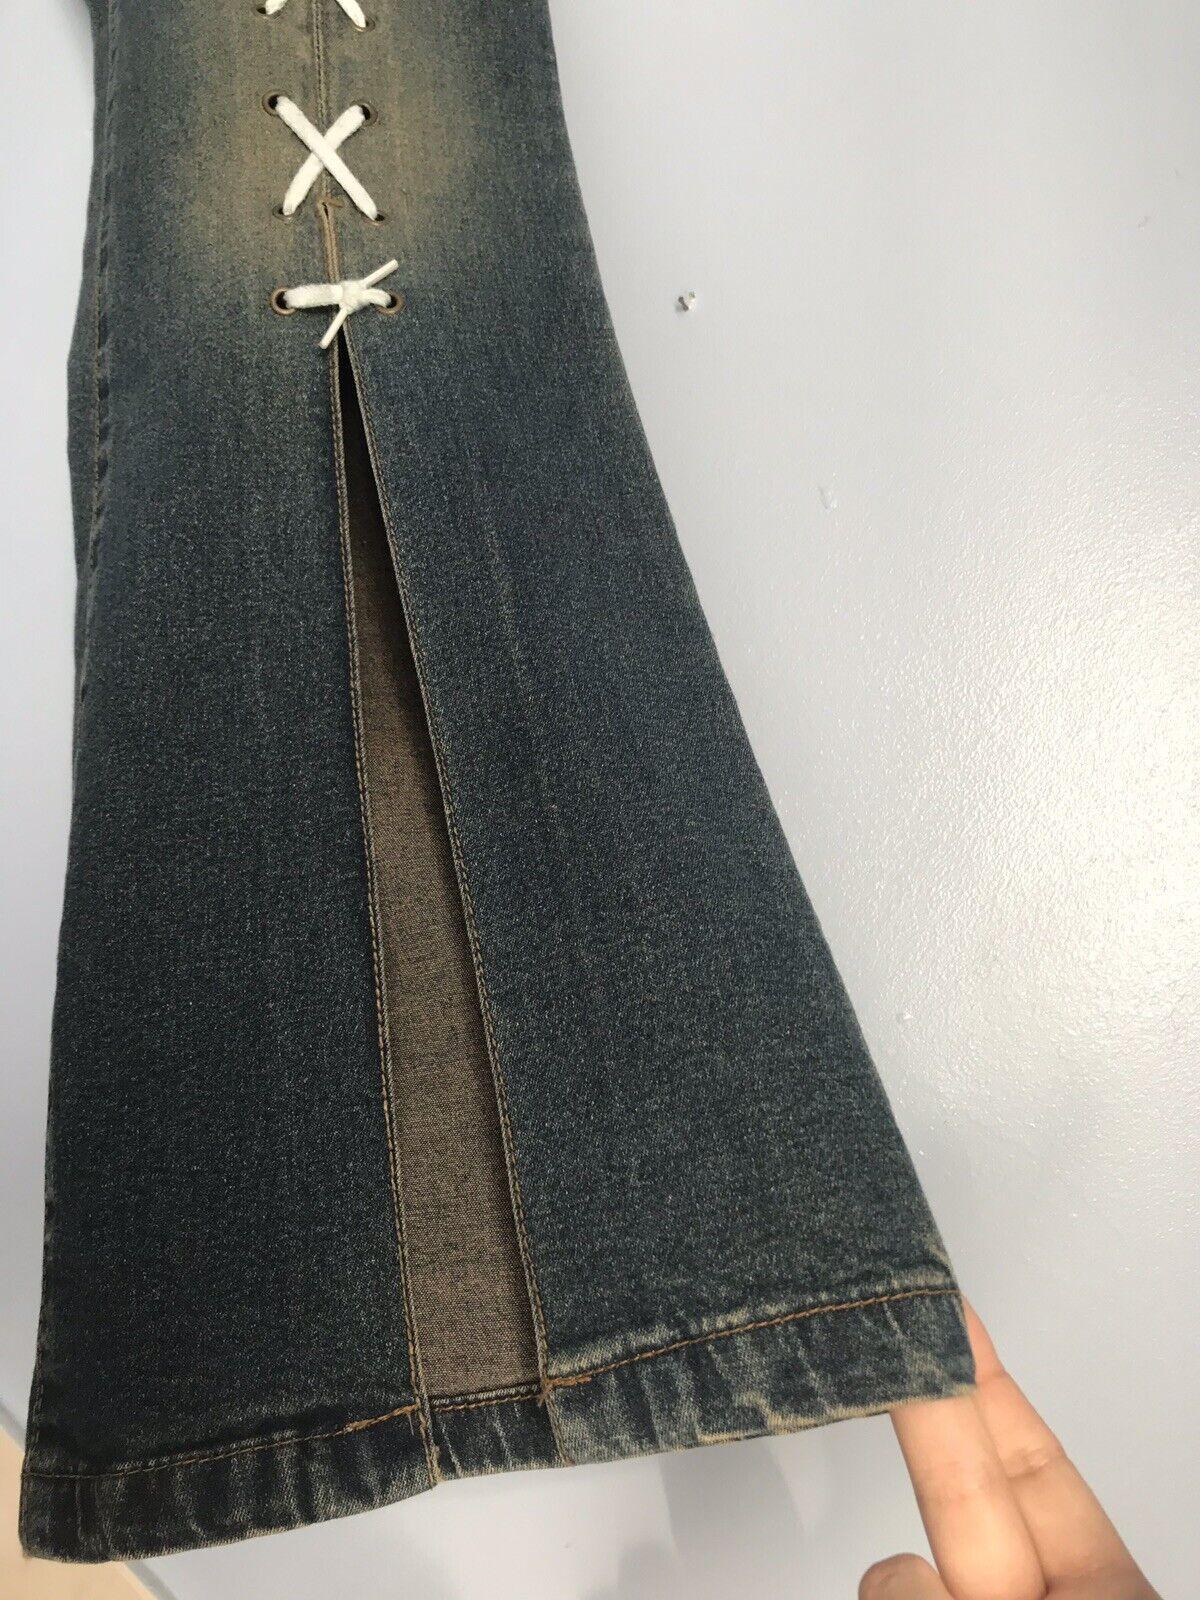 Agenda Vintage 90s Y2K Lace Up Corset High Waist Jeans Boho Hippie Festival 12